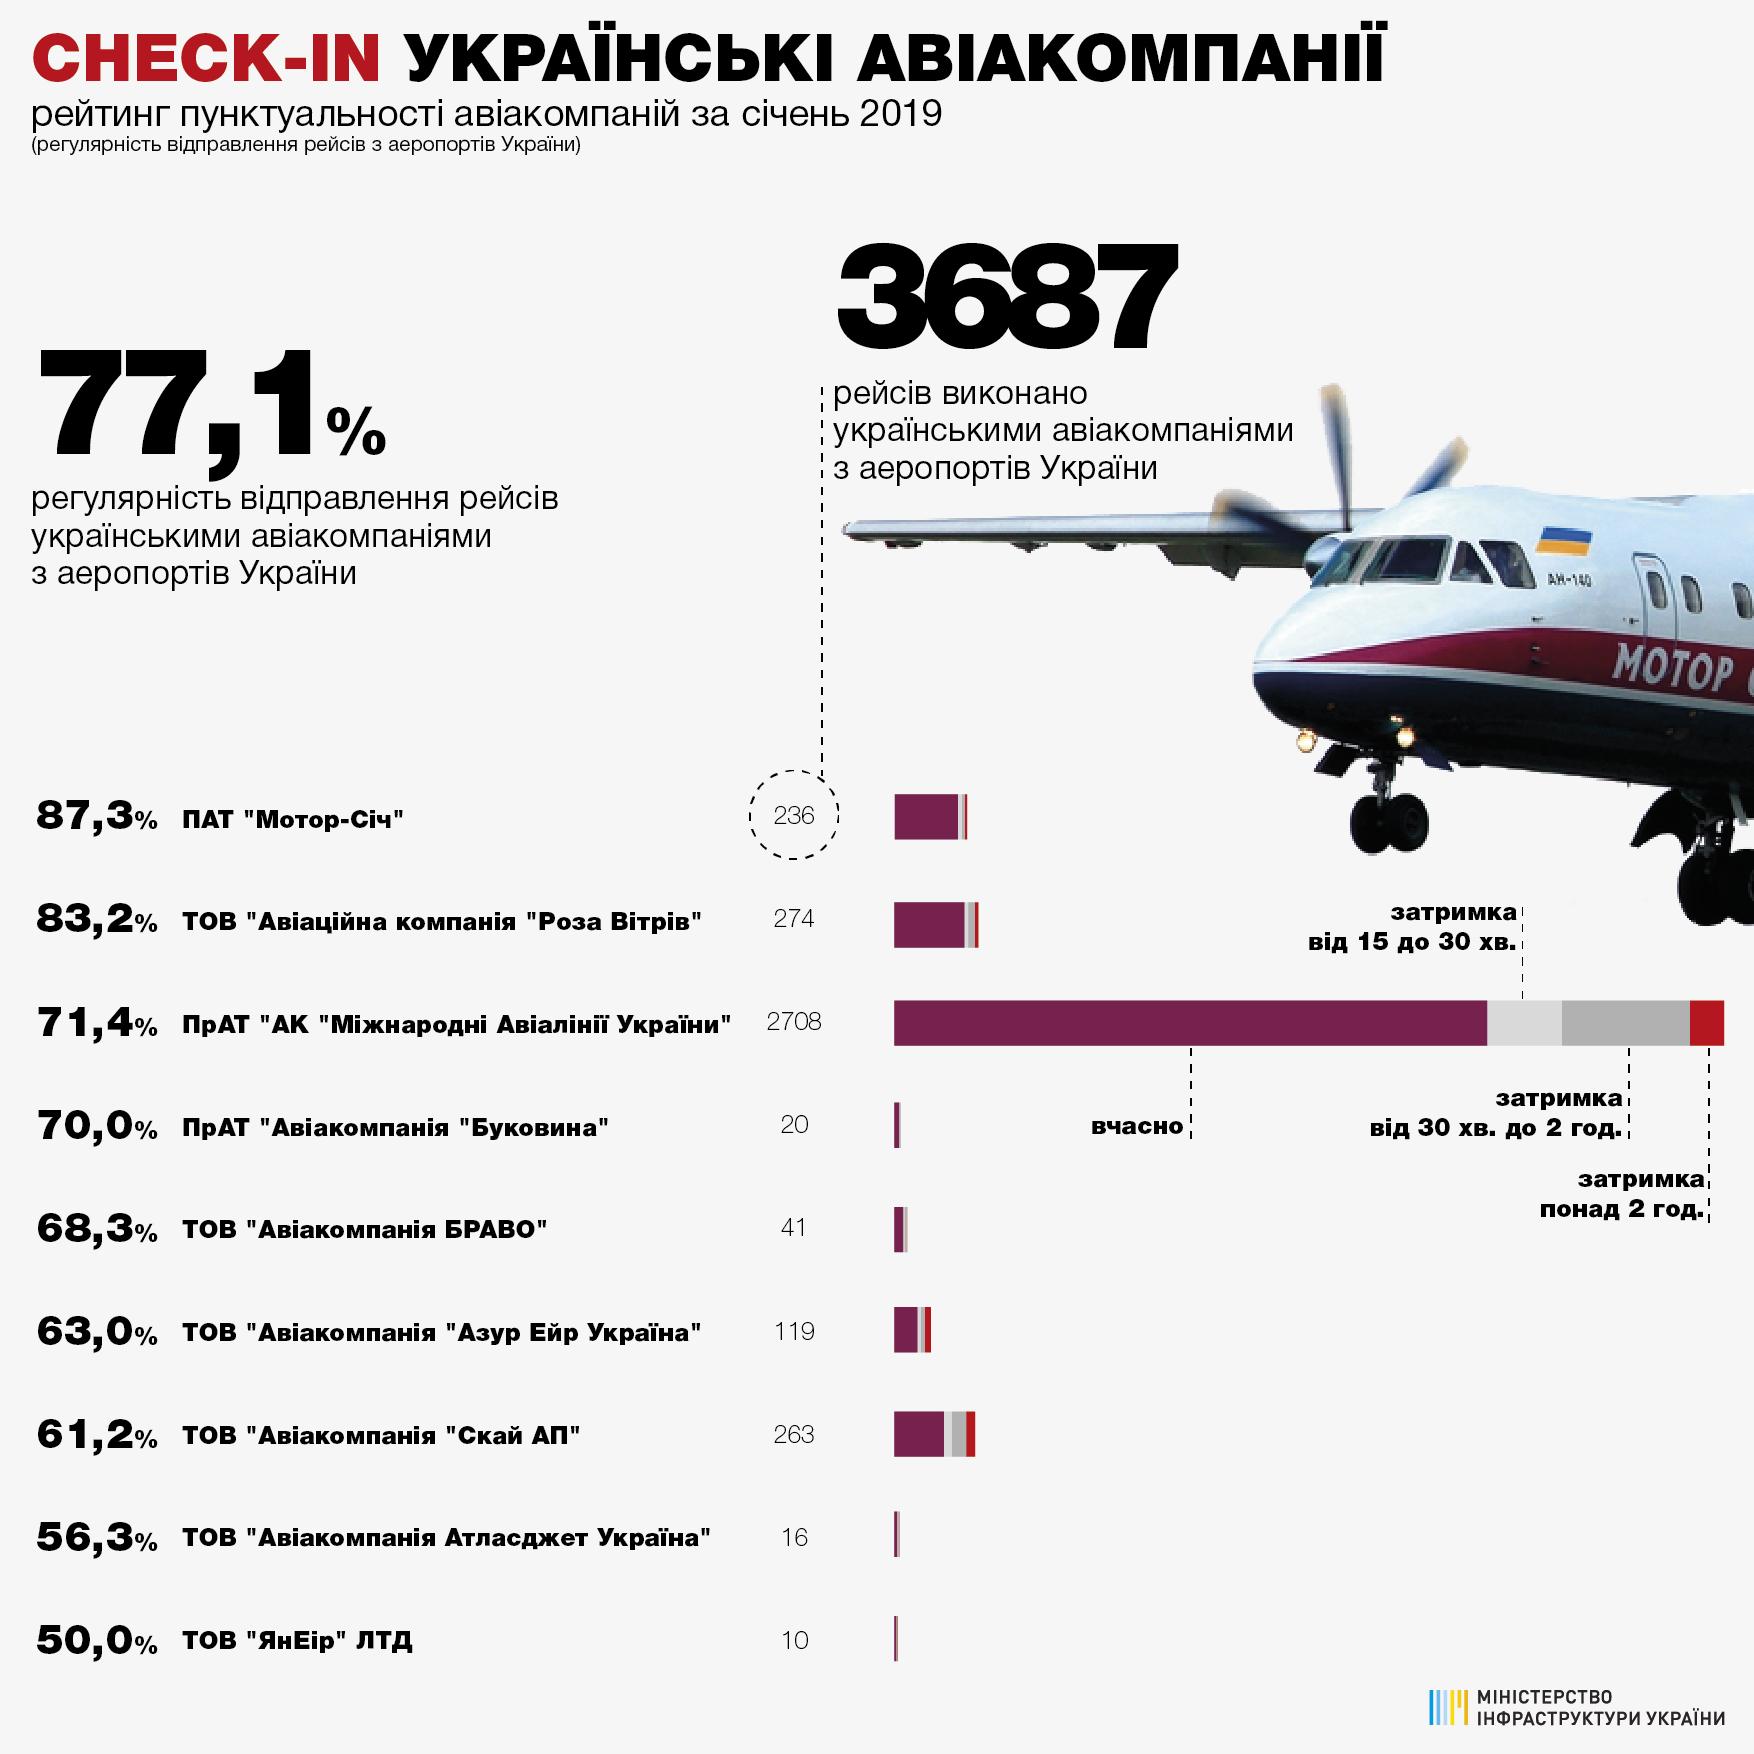 Рейтинг пунктуальности украинских авиакомпаний при вылете из аэропортов Украины в январе 2019 года